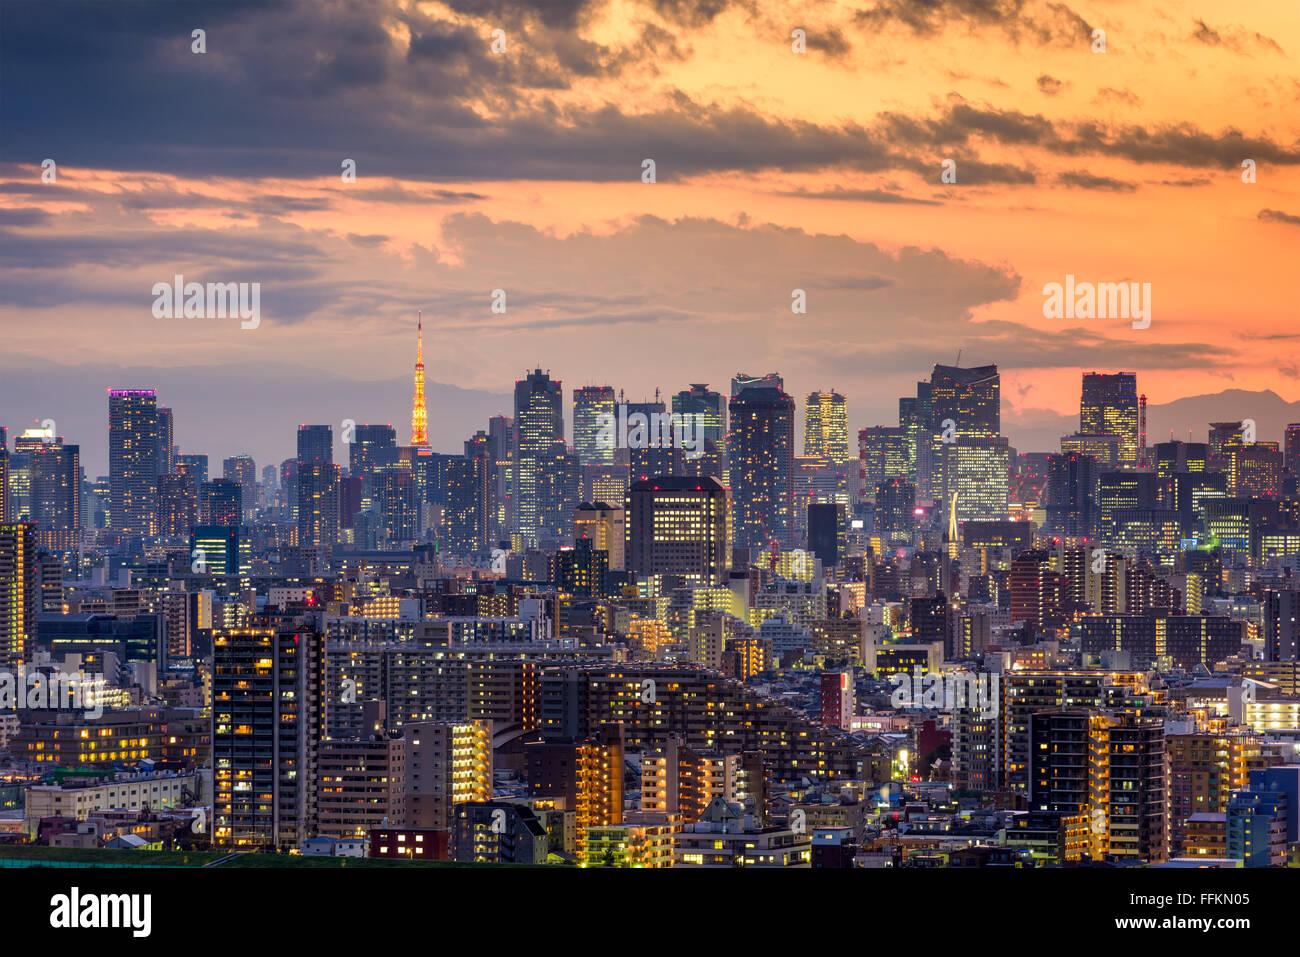 Tokyo, Giappone skyline della citta' al tramonto. Foto Stock